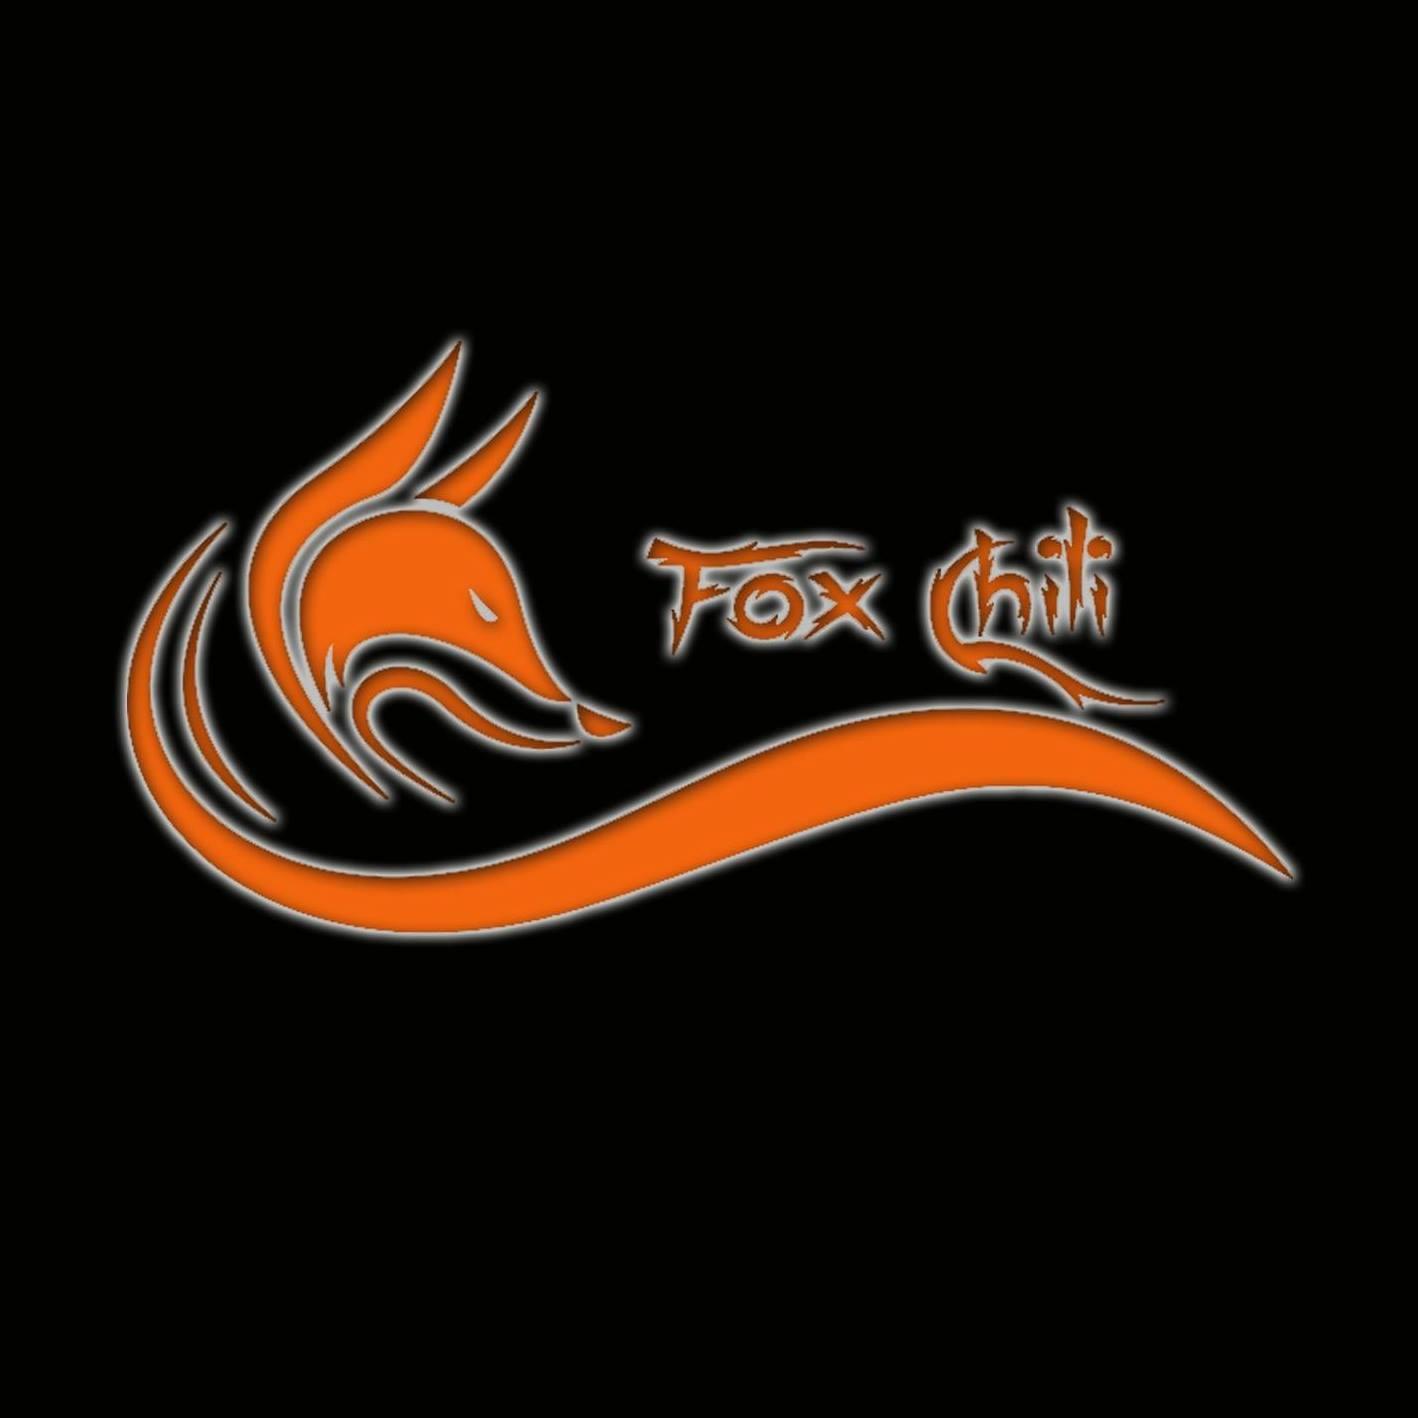 Fox Chili